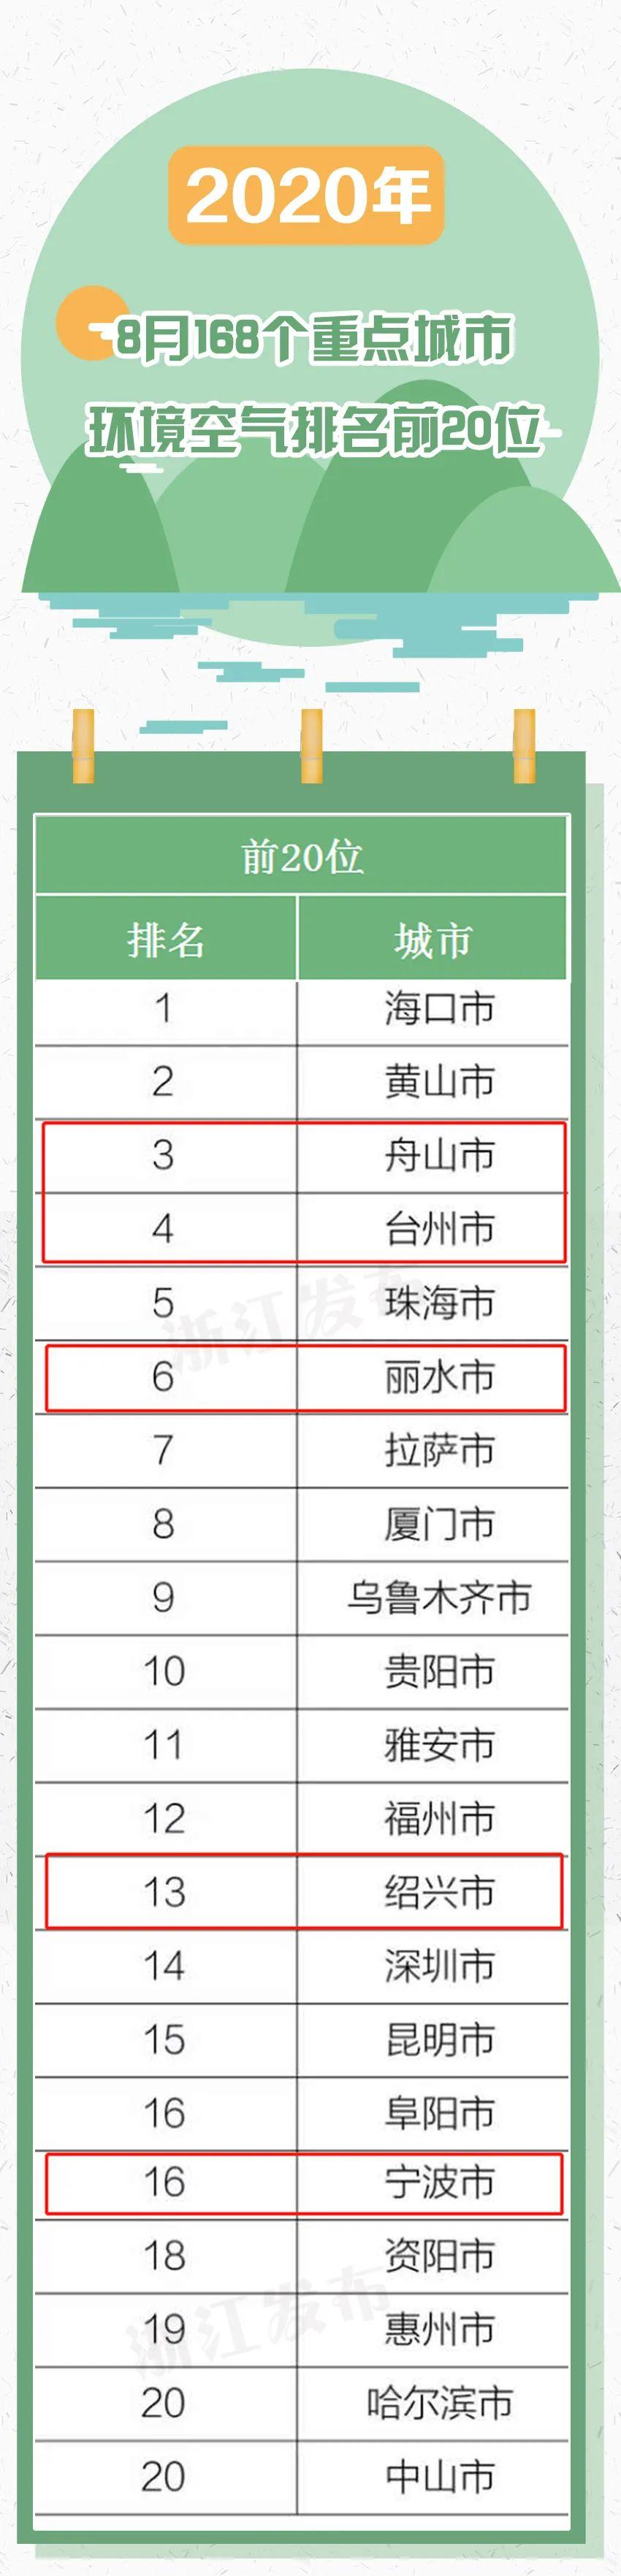 你那空气好吗?8月和1-8月浙江空气质量排名来了图片